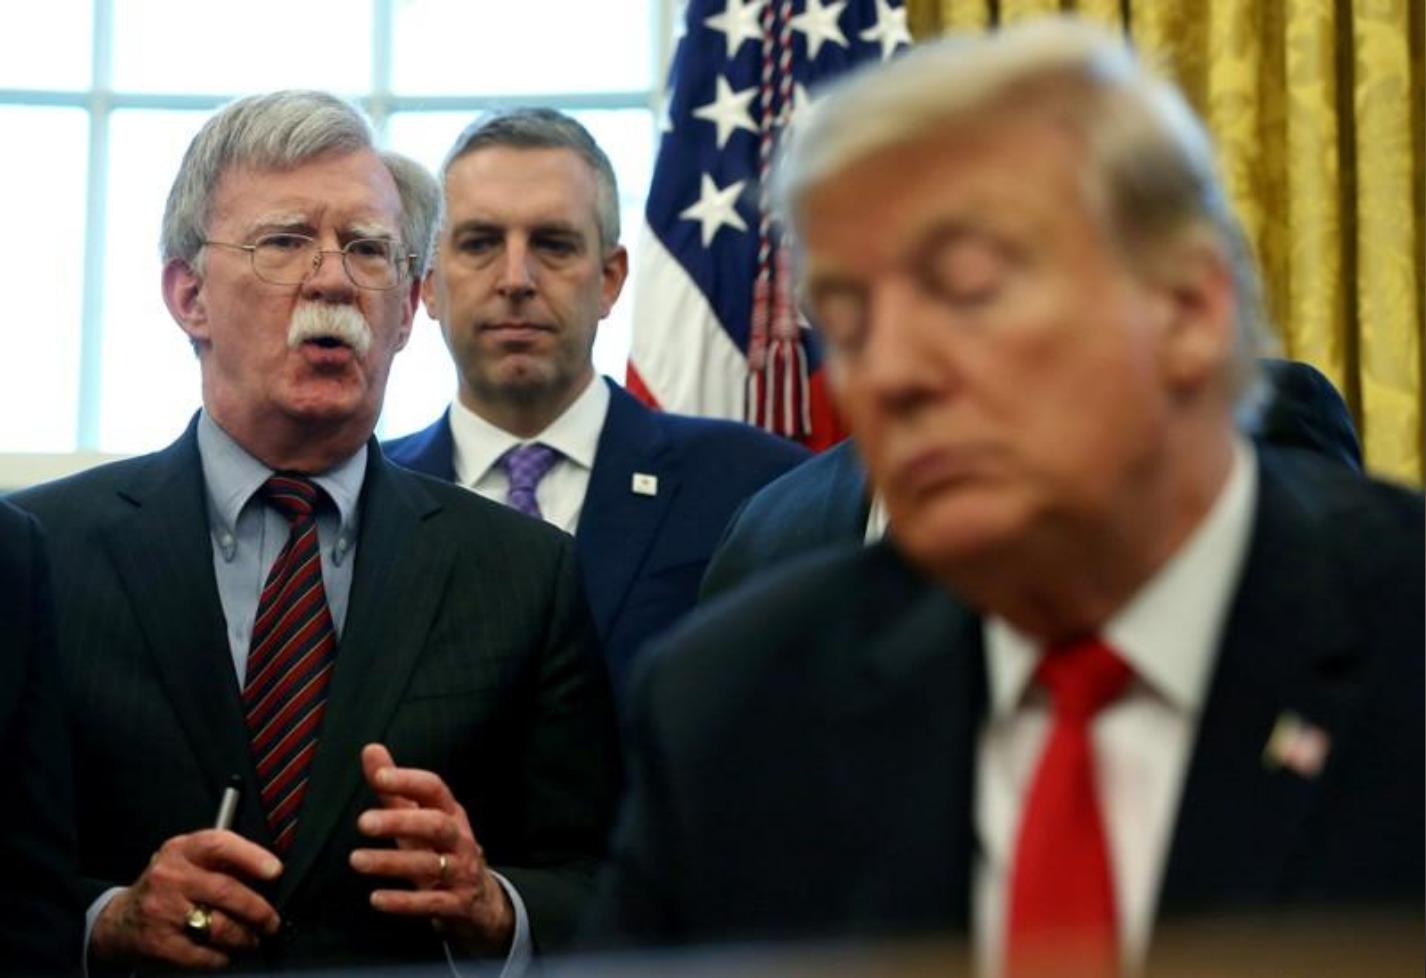 ترامب يقيل جون بولتون مستشار الأمن القومي الأمريكي